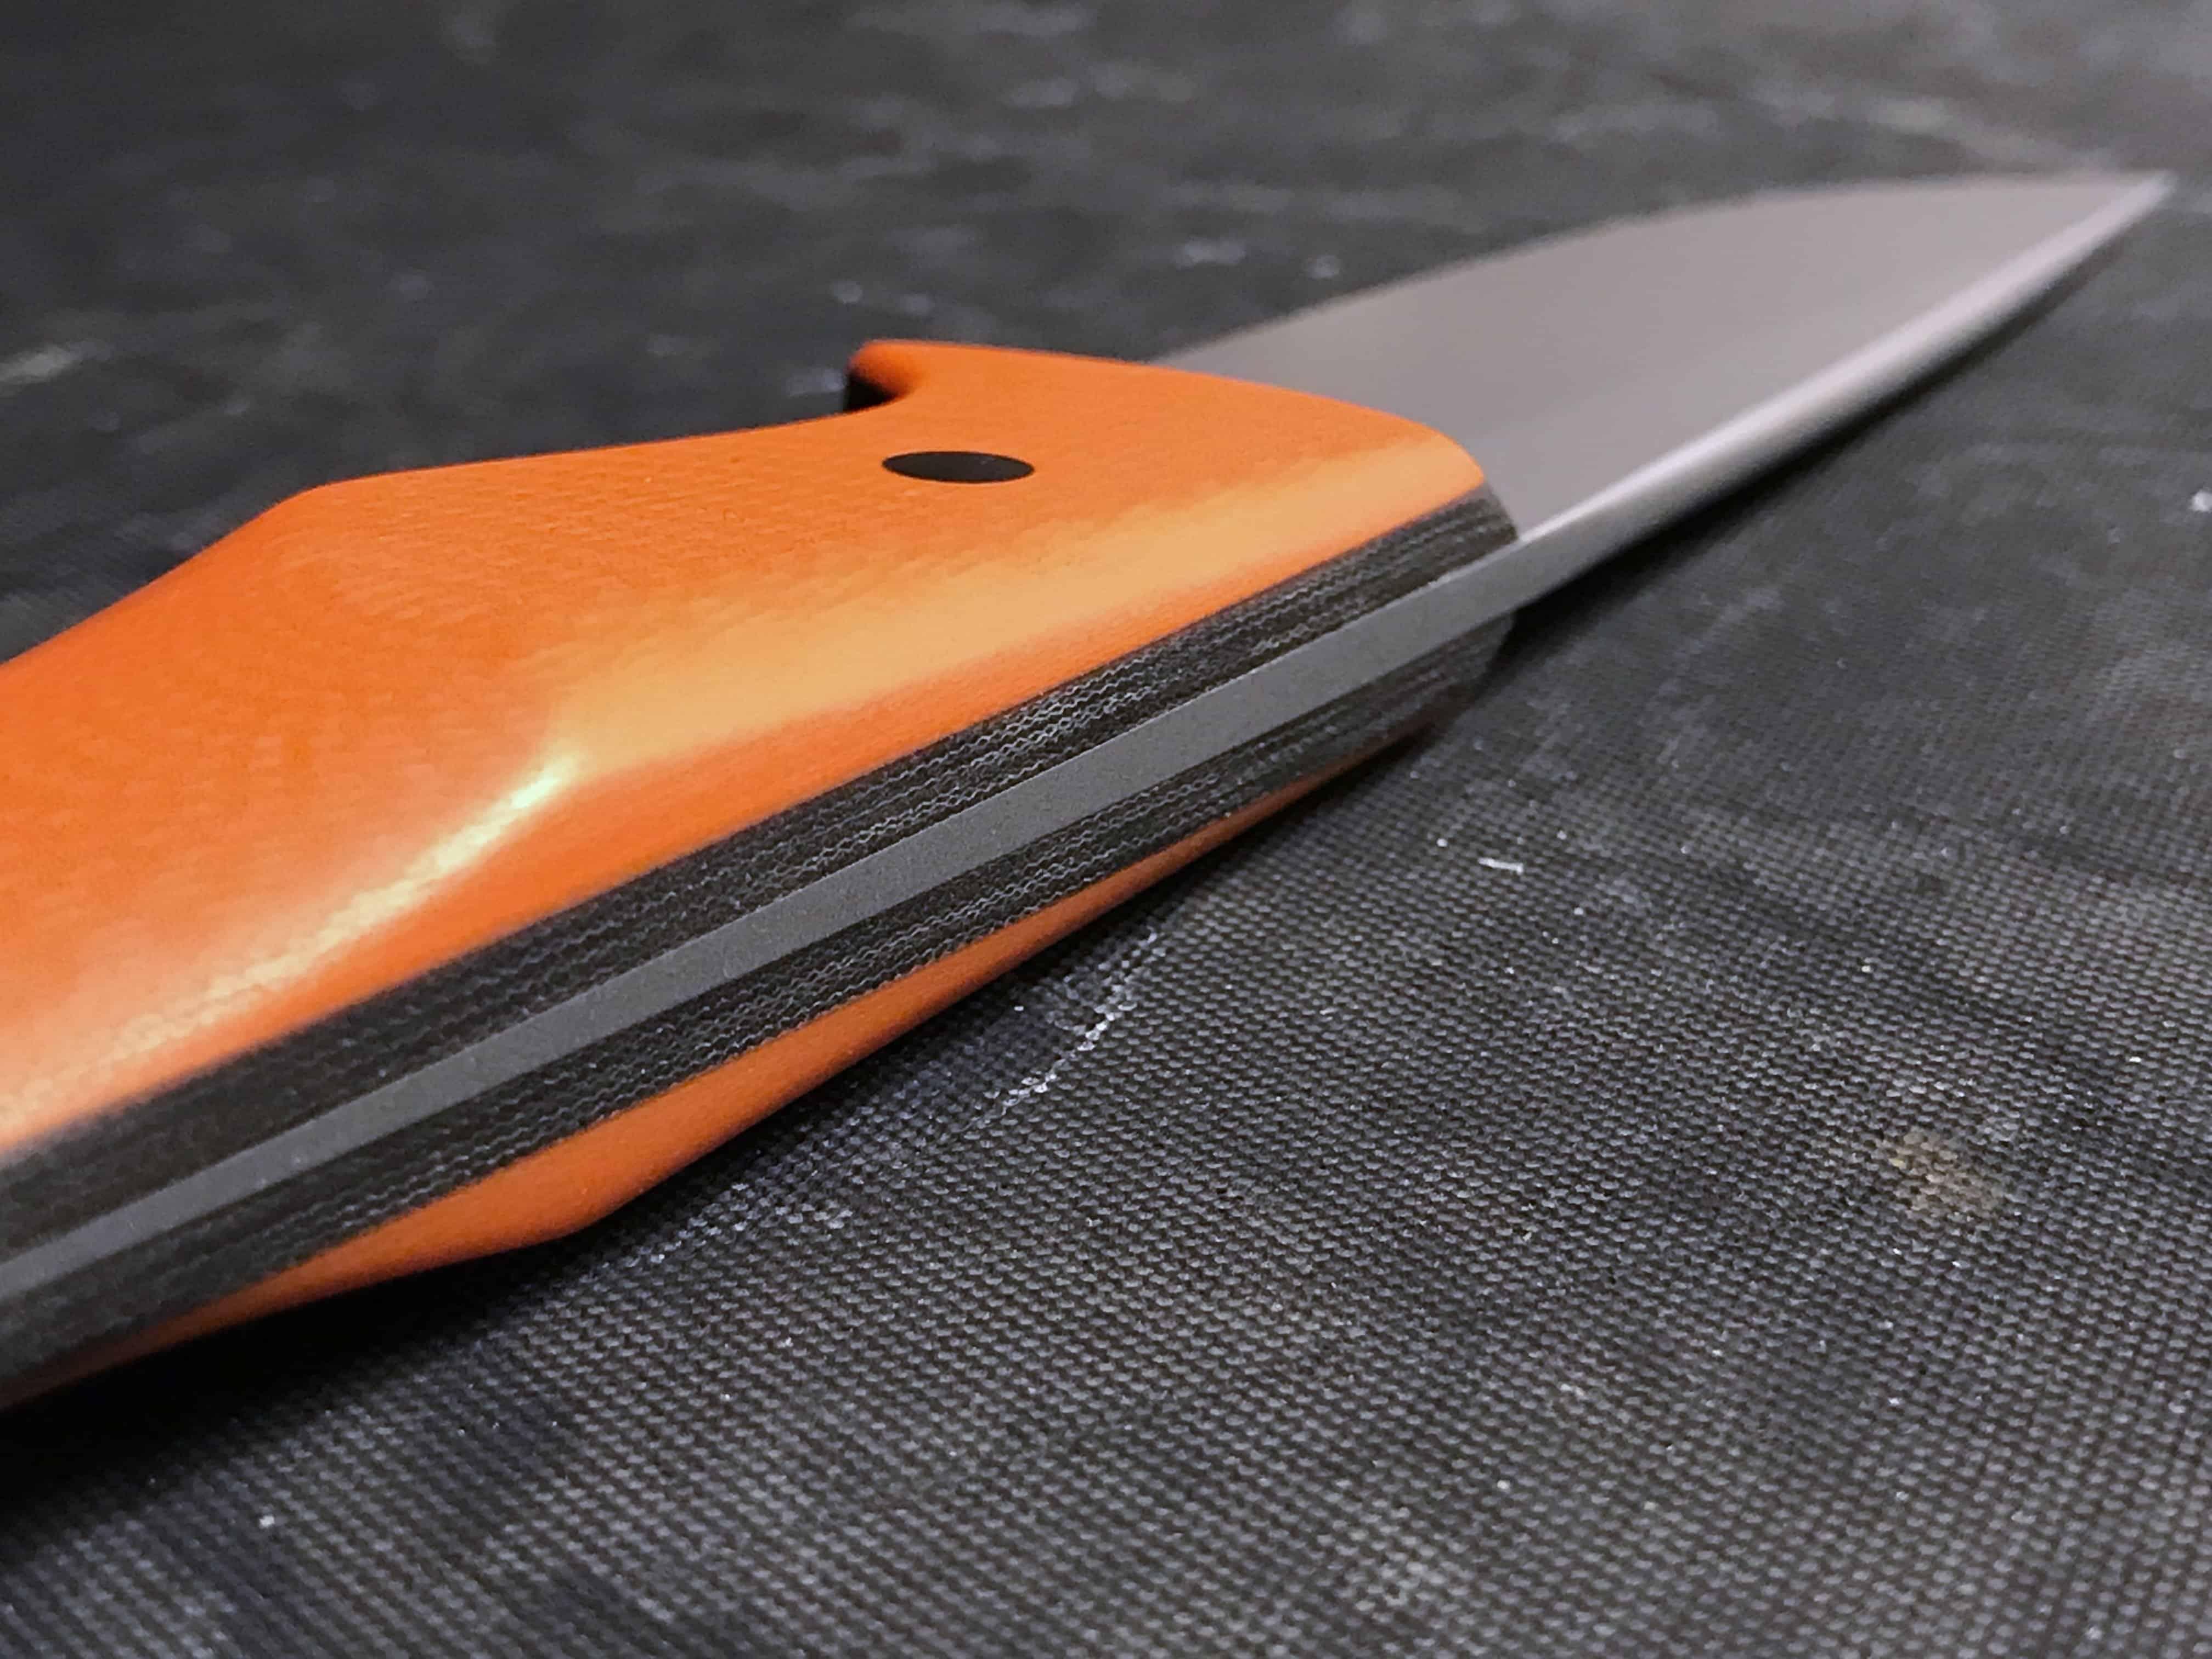 manico del coltello, L'impugnatura del manico del coltello